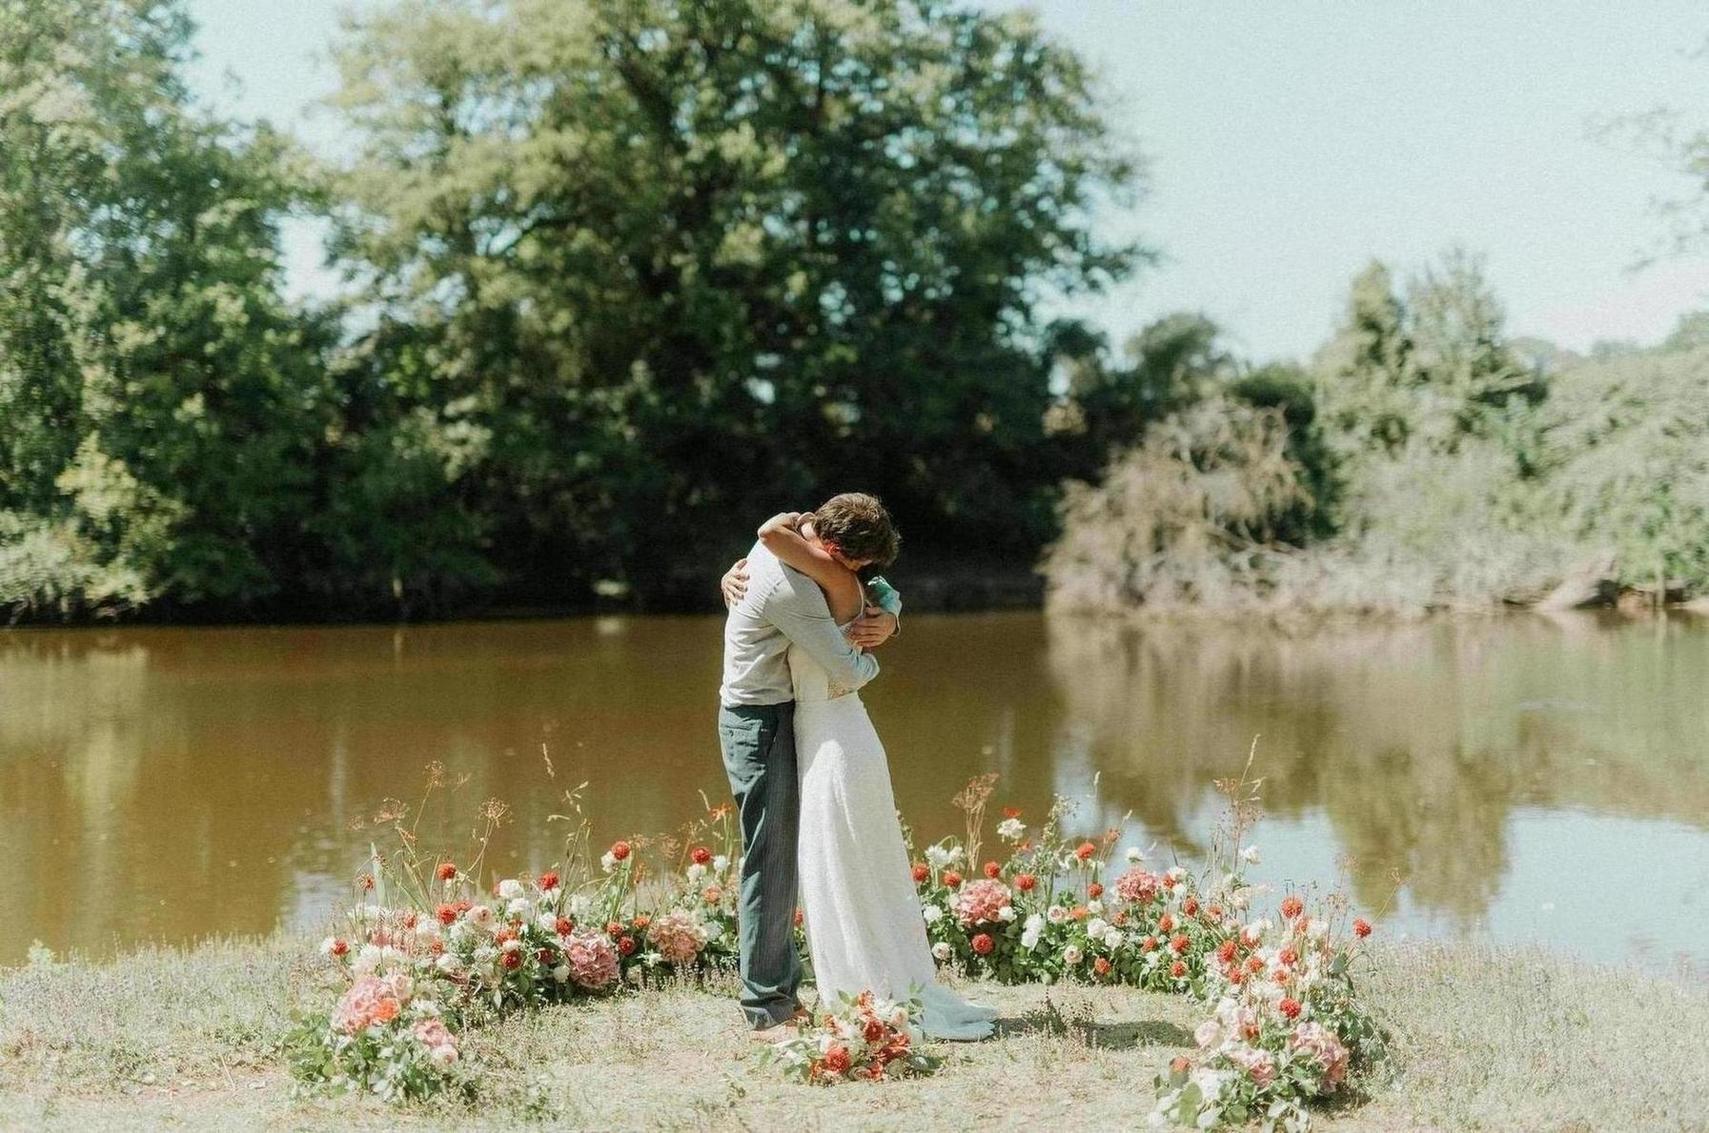 ceremonie laique elopement mariage